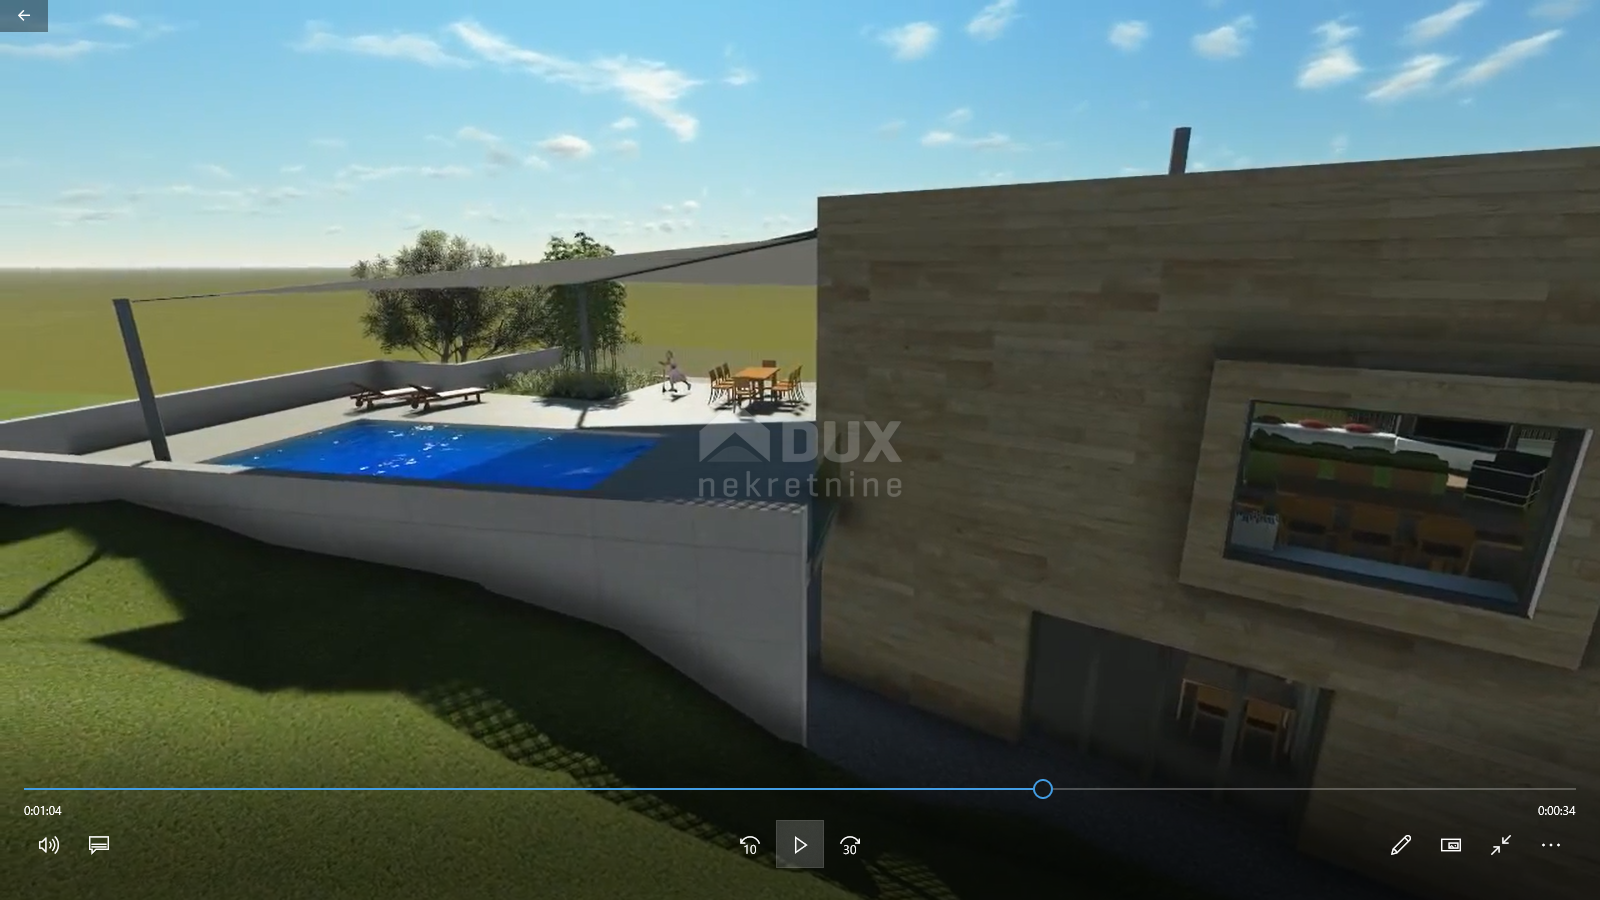 KOSTRENA - građevinski teren 1207m2 za stambenu zgradu – stanove / obiteljsku kuću / villu  / kuću za iznajmljivanje sa bazenom / kuću za odmor sa bazenom